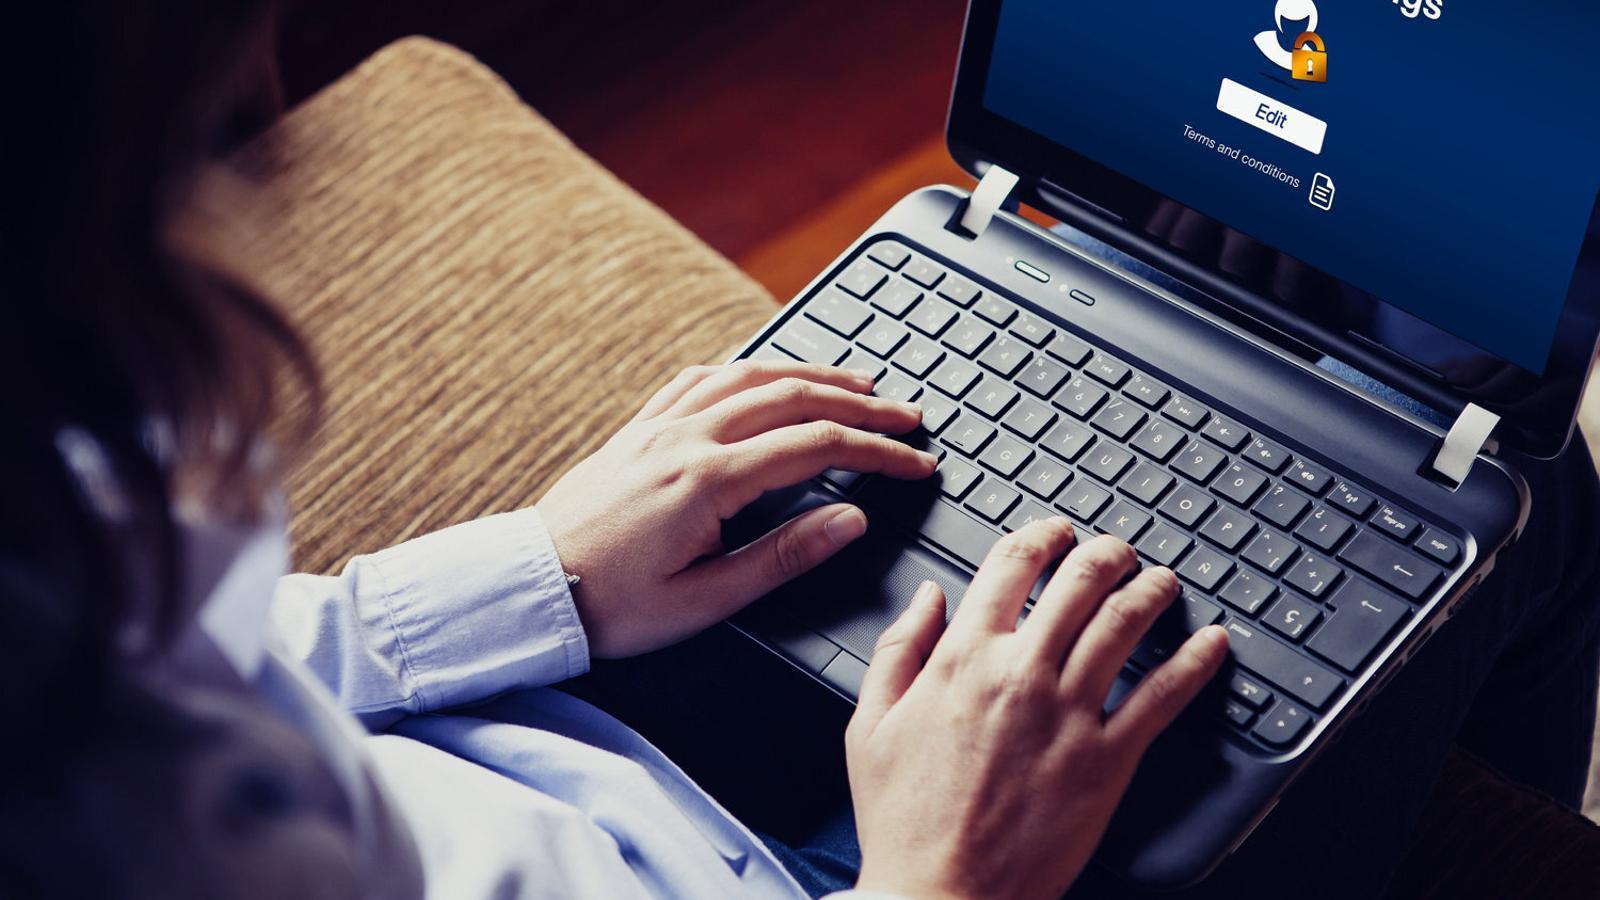 L'aïllament a casa ha propiciat una comunicació més virtual en què es poden produir activitats que no són noves, encara que fàcilment es poden convertir en delictives.